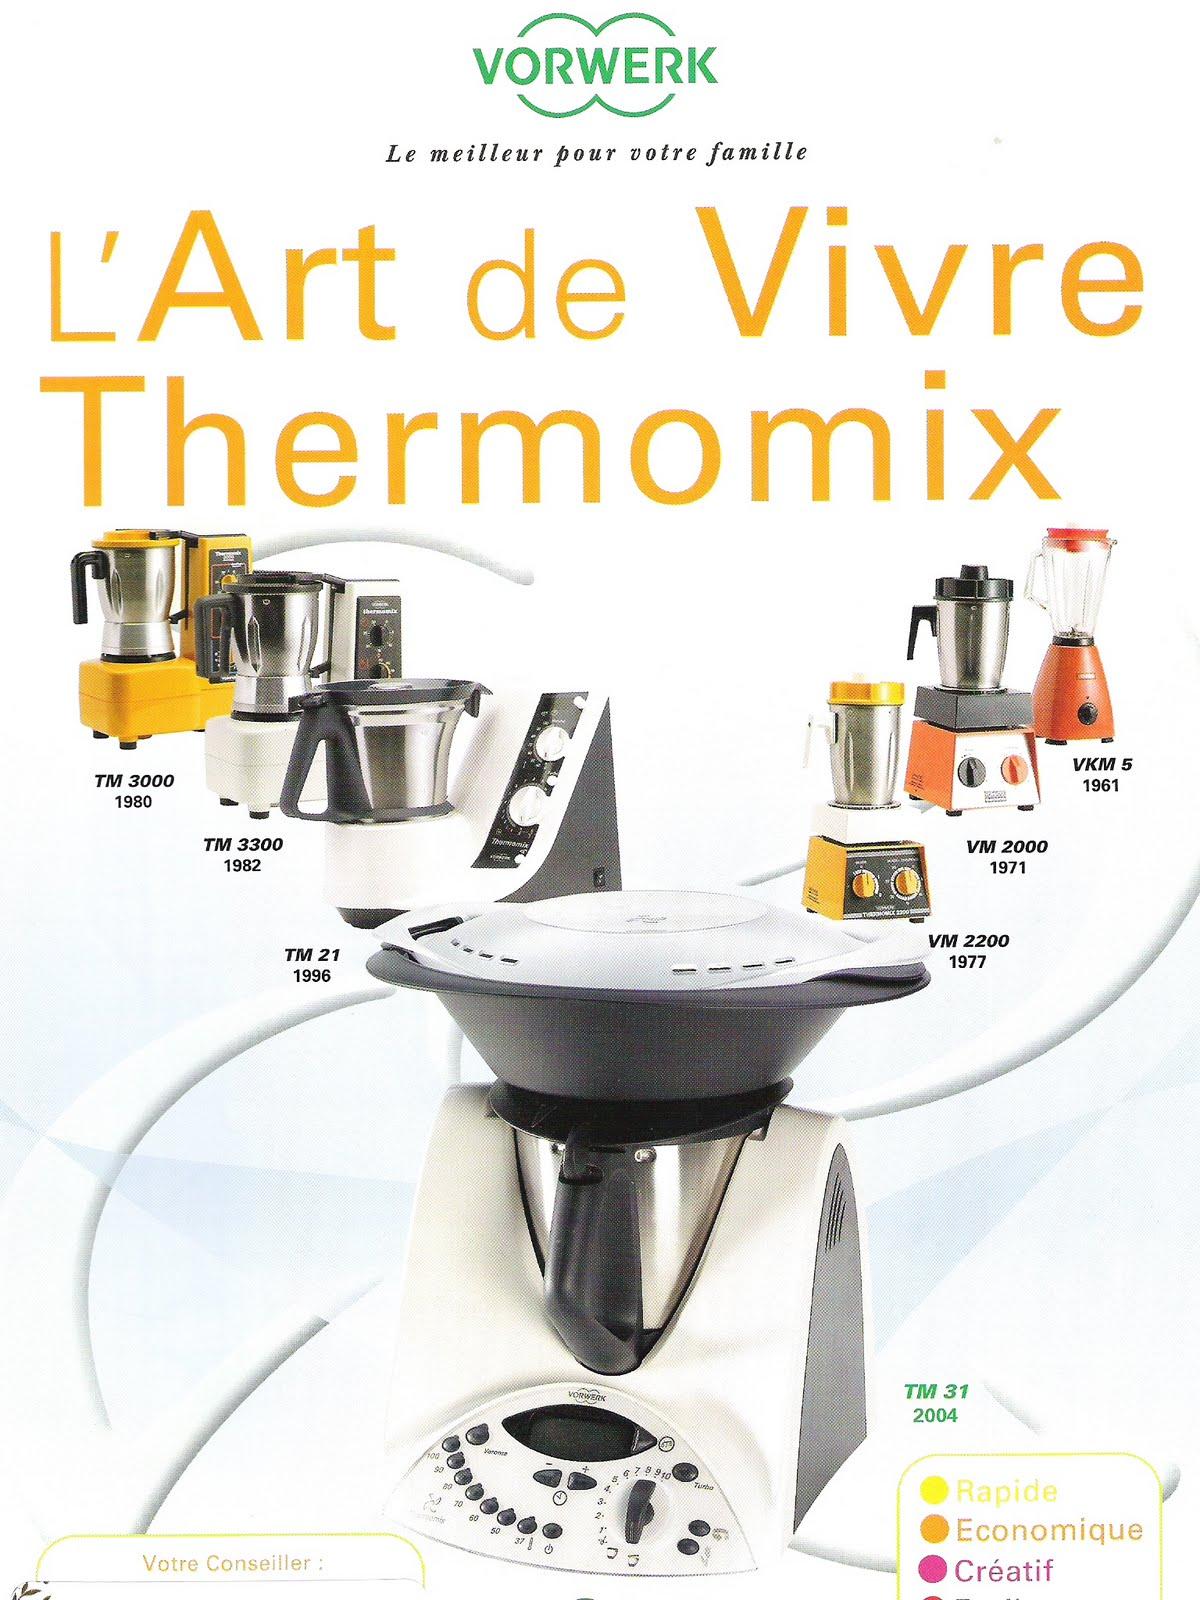 du four au jardin et mes dix doigts thermomix. Black Bedroom Furniture Sets. Home Design Ideas